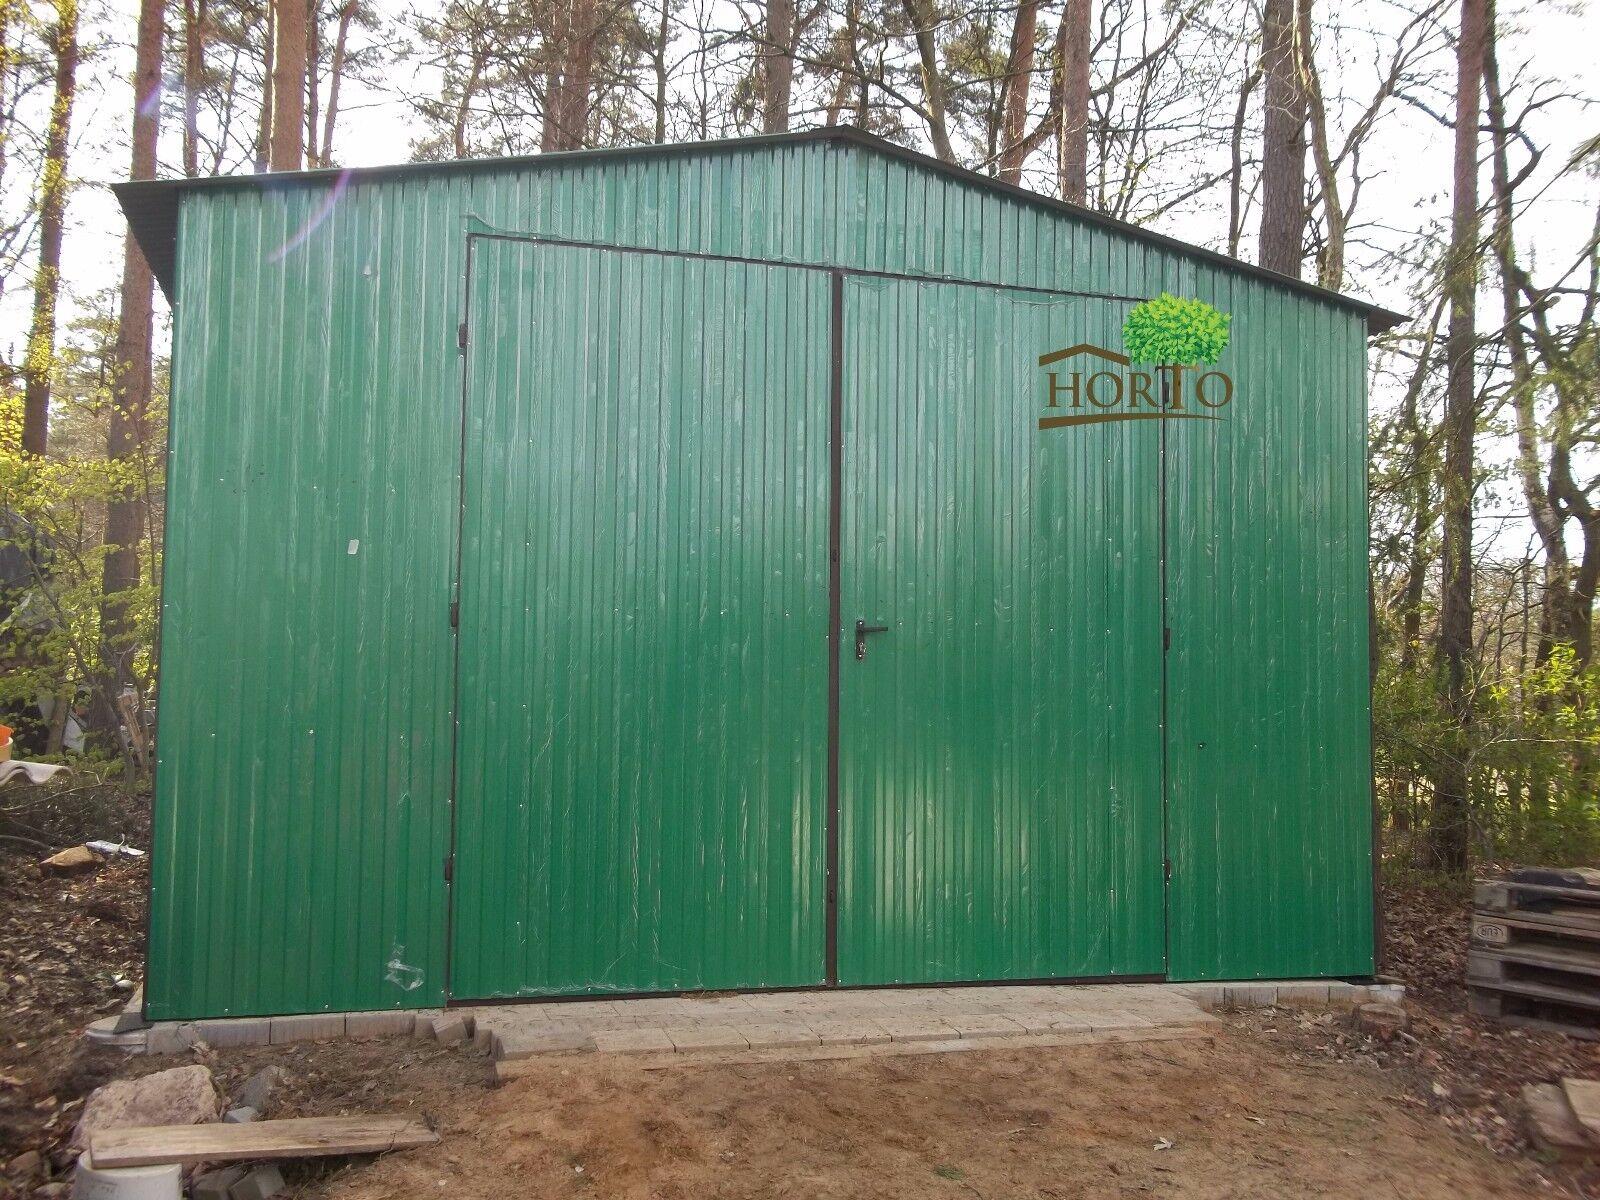 Schuppen Blechgarage Garage Fertiggarage Metallgarage Lagerraum halle halle halle 4,0X4,0 9be395